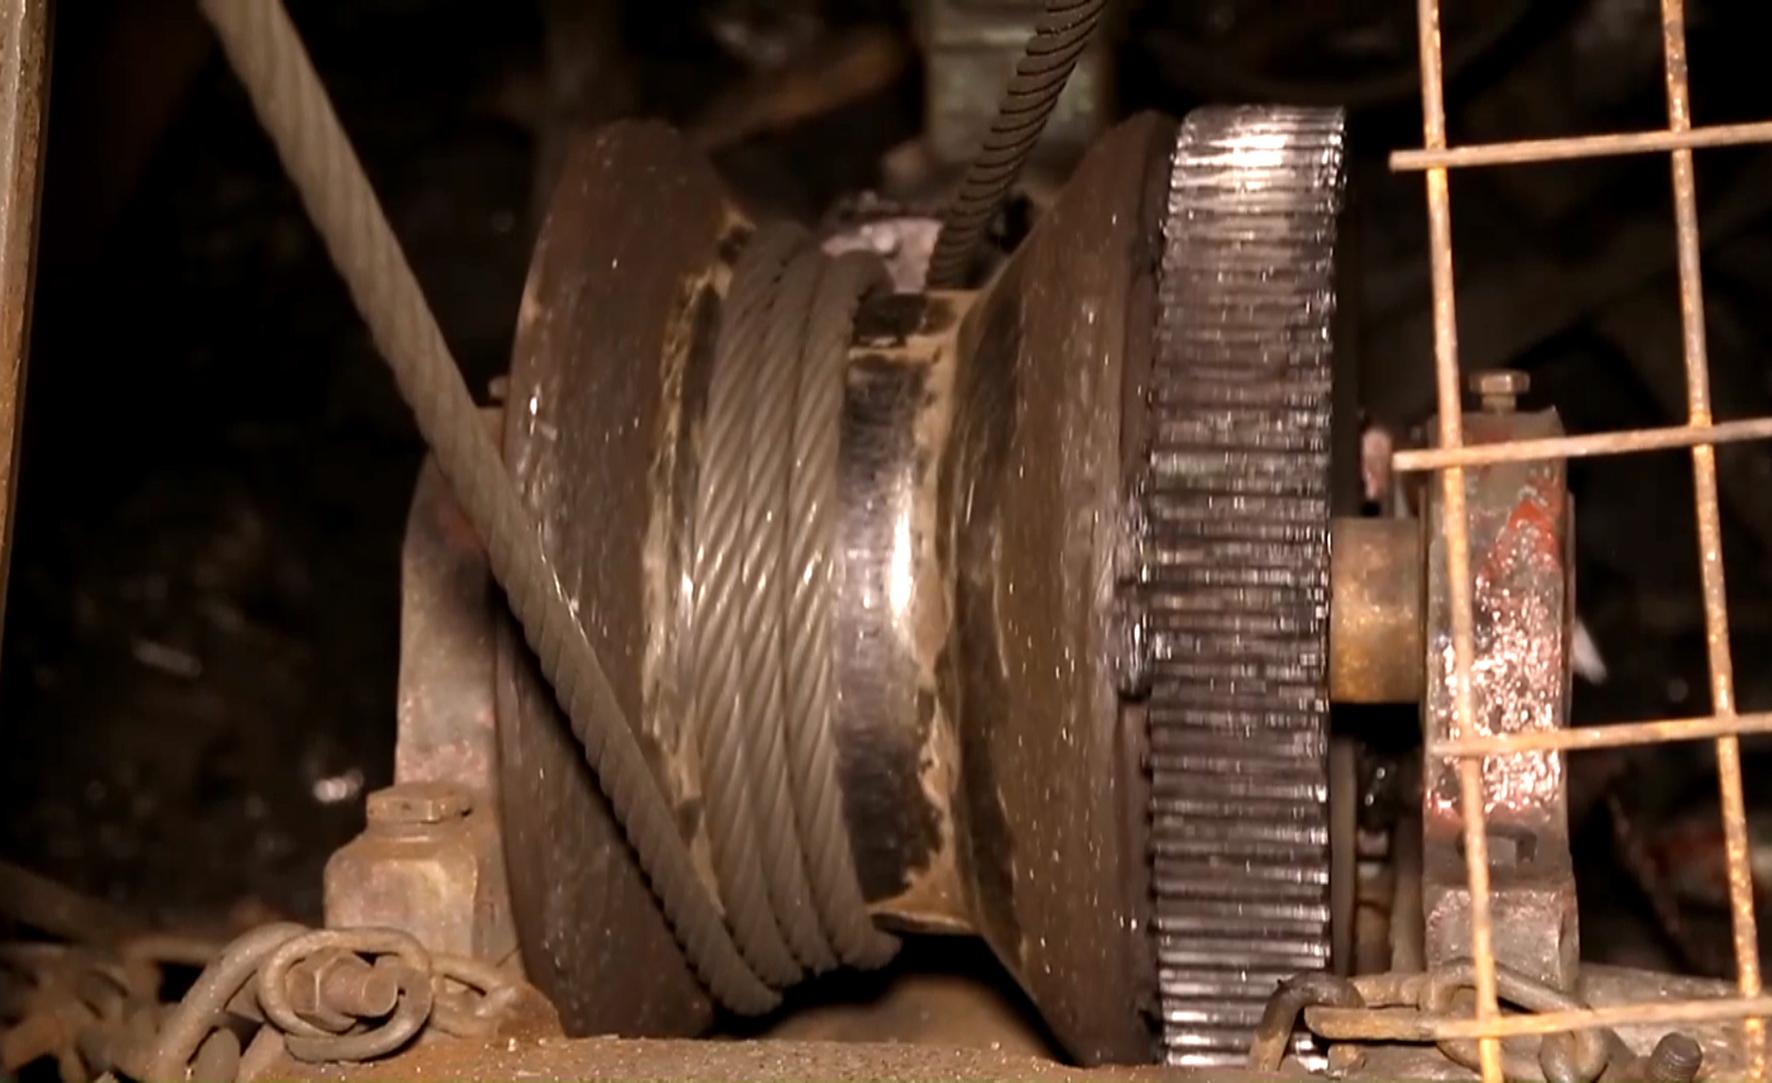 Ứng dụng sáng tạo trong công tác vận chuyển vật liệu mỏ tại Than Nam Mẫu (3)